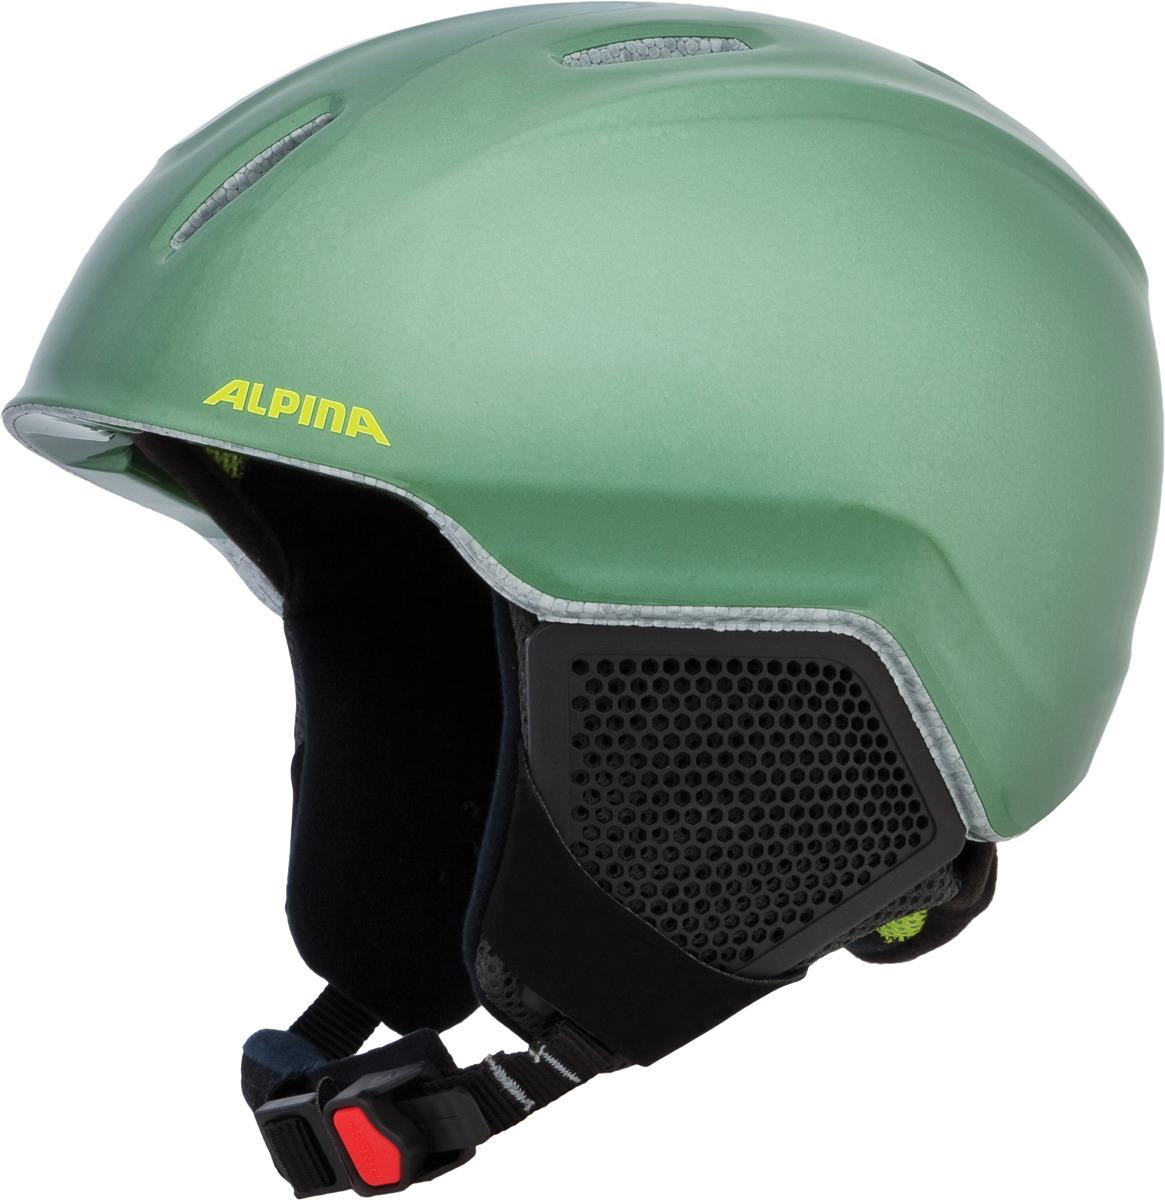 Шлем горнолыжный зимний Alpina Carat LX, цвет: зеленый, черный. Размер 51-55 см